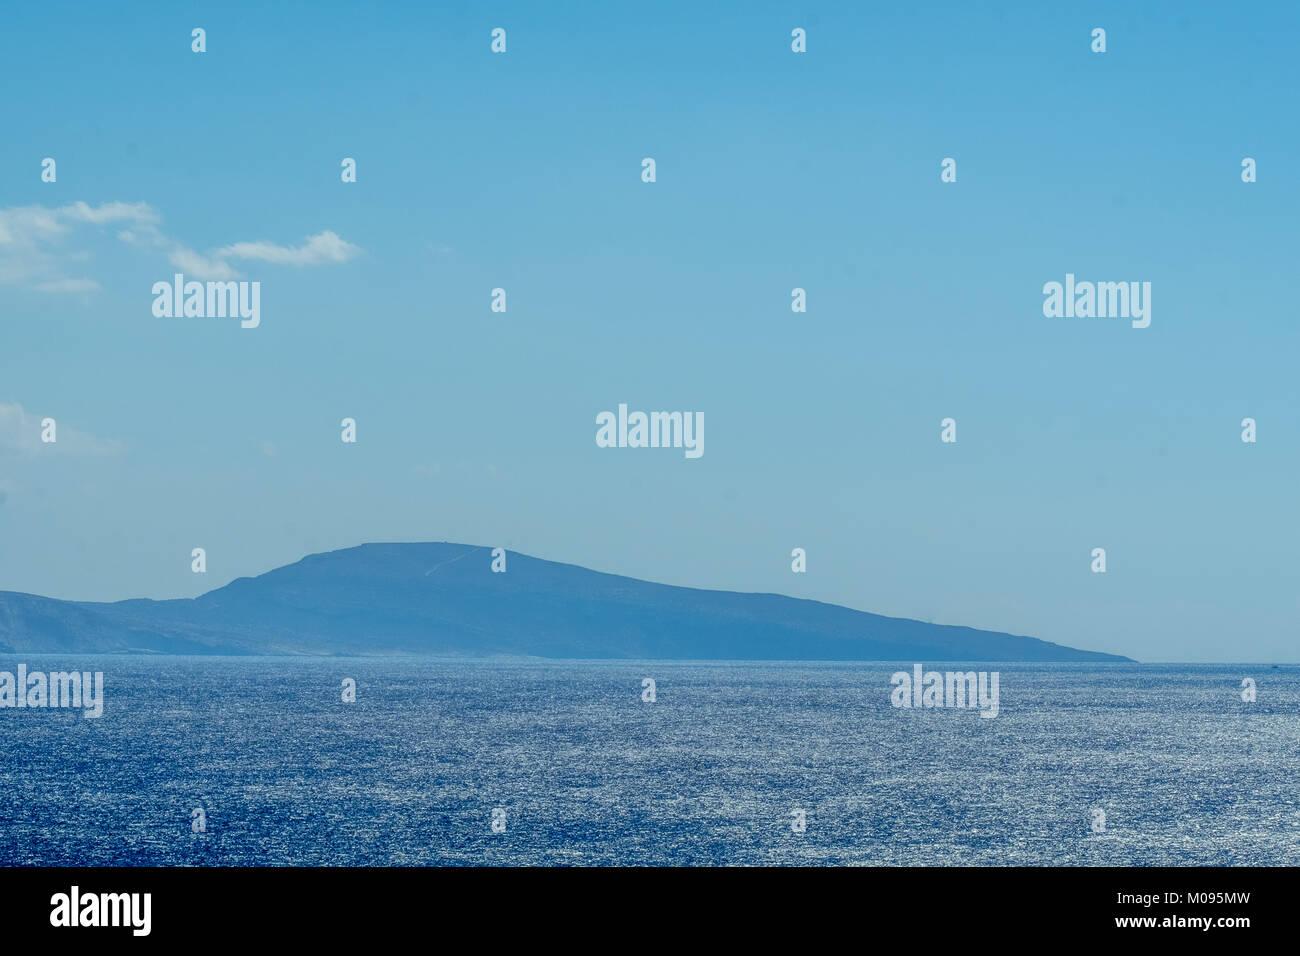 Paxmadia Insel im blauen Meer von Agia Galini im Süden von Kreta, Kreta, Griechenland, Europa, Griechenland,, Stockbild